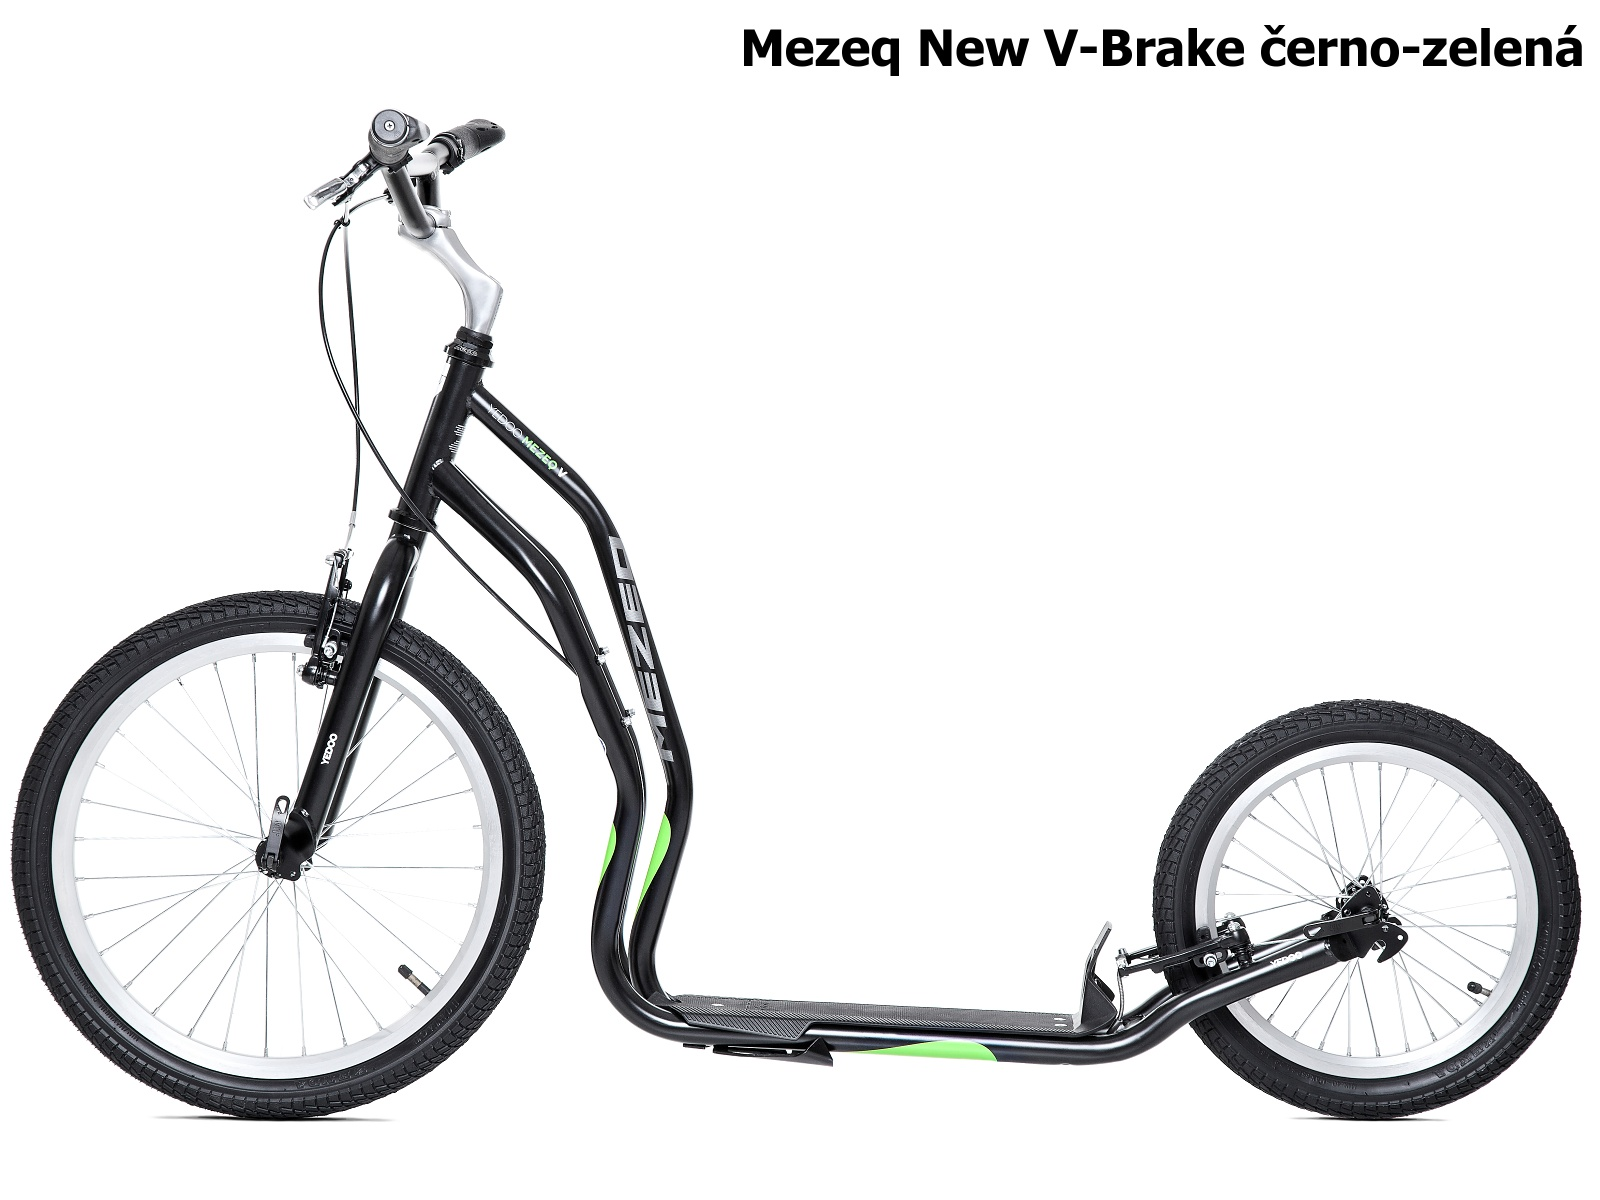 Koloběžka YEDOO Mezeq New V-Brake 20-16 černo-zelená